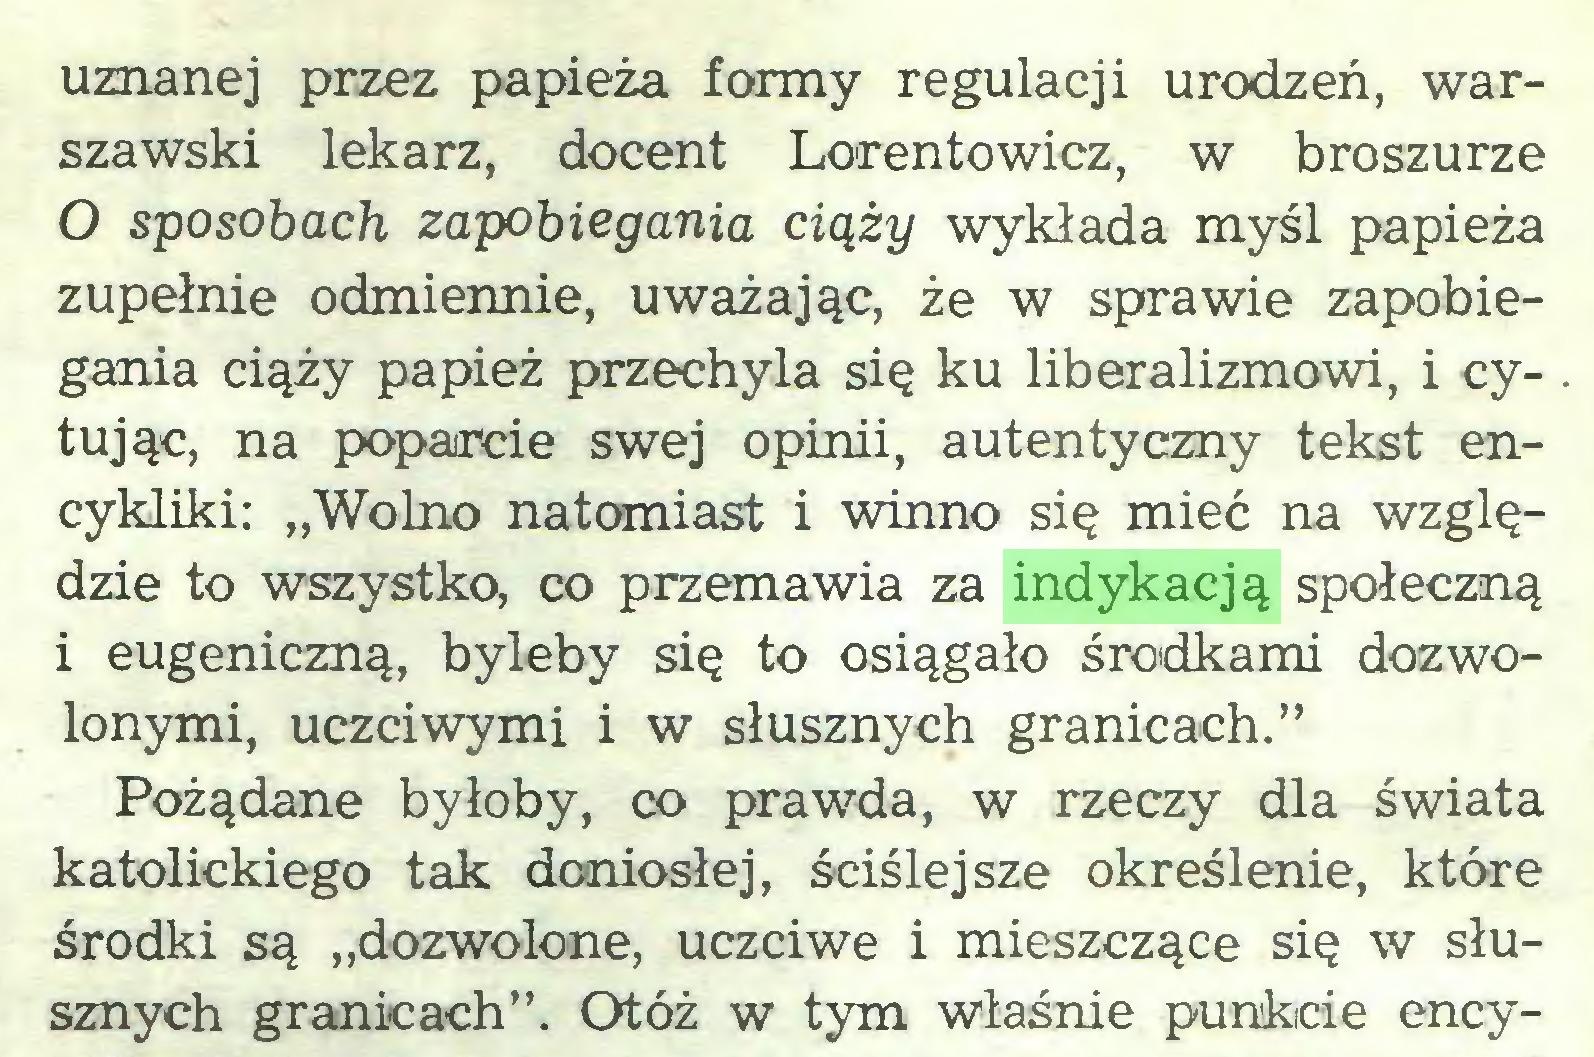 """(...) uznanej przez papieża formy regulacji urodzeń, warszawski lekarz, docent Lorentowicz, w broszurze 0 sposobach zapobiegania ciąży wykłada myśl papieża zupełnie odmiennie, uważając, że w sprawie zapobiegania ciąży papież przechyla się ku liberalizmowi, i cytując, na poparcie swej opinii, autentyczny tekst encykliki: """"Wolno natomiast i winno się mieć na względzie to wszystko, co przemawia za indykacją społeczną 1 eugeniczną, byleby się to osiągało środkami dozwolonymi, uczciwymi i w słusznych granicach."""" Pożądane byłoby, co prawda, w rzeczy dla świata katolickiego tak doniosłej, ściślejsze określenie, które środki są """"dozwolone, uczciwe i mieszczące się w słusznych granicach"""". Otóż w tym właśnie punkcie ency..."""